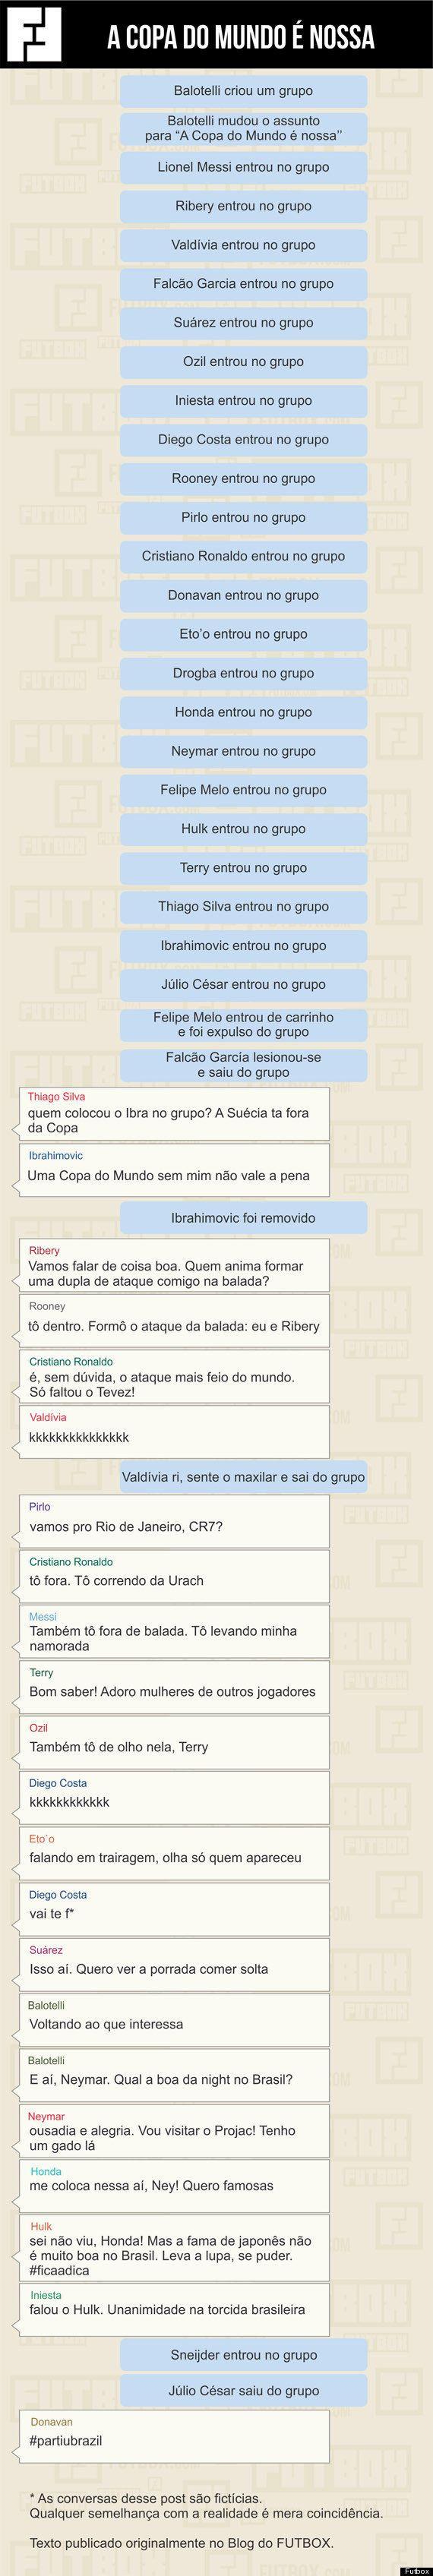 Balotelli criou o grupo 'A Copa do Mundo é